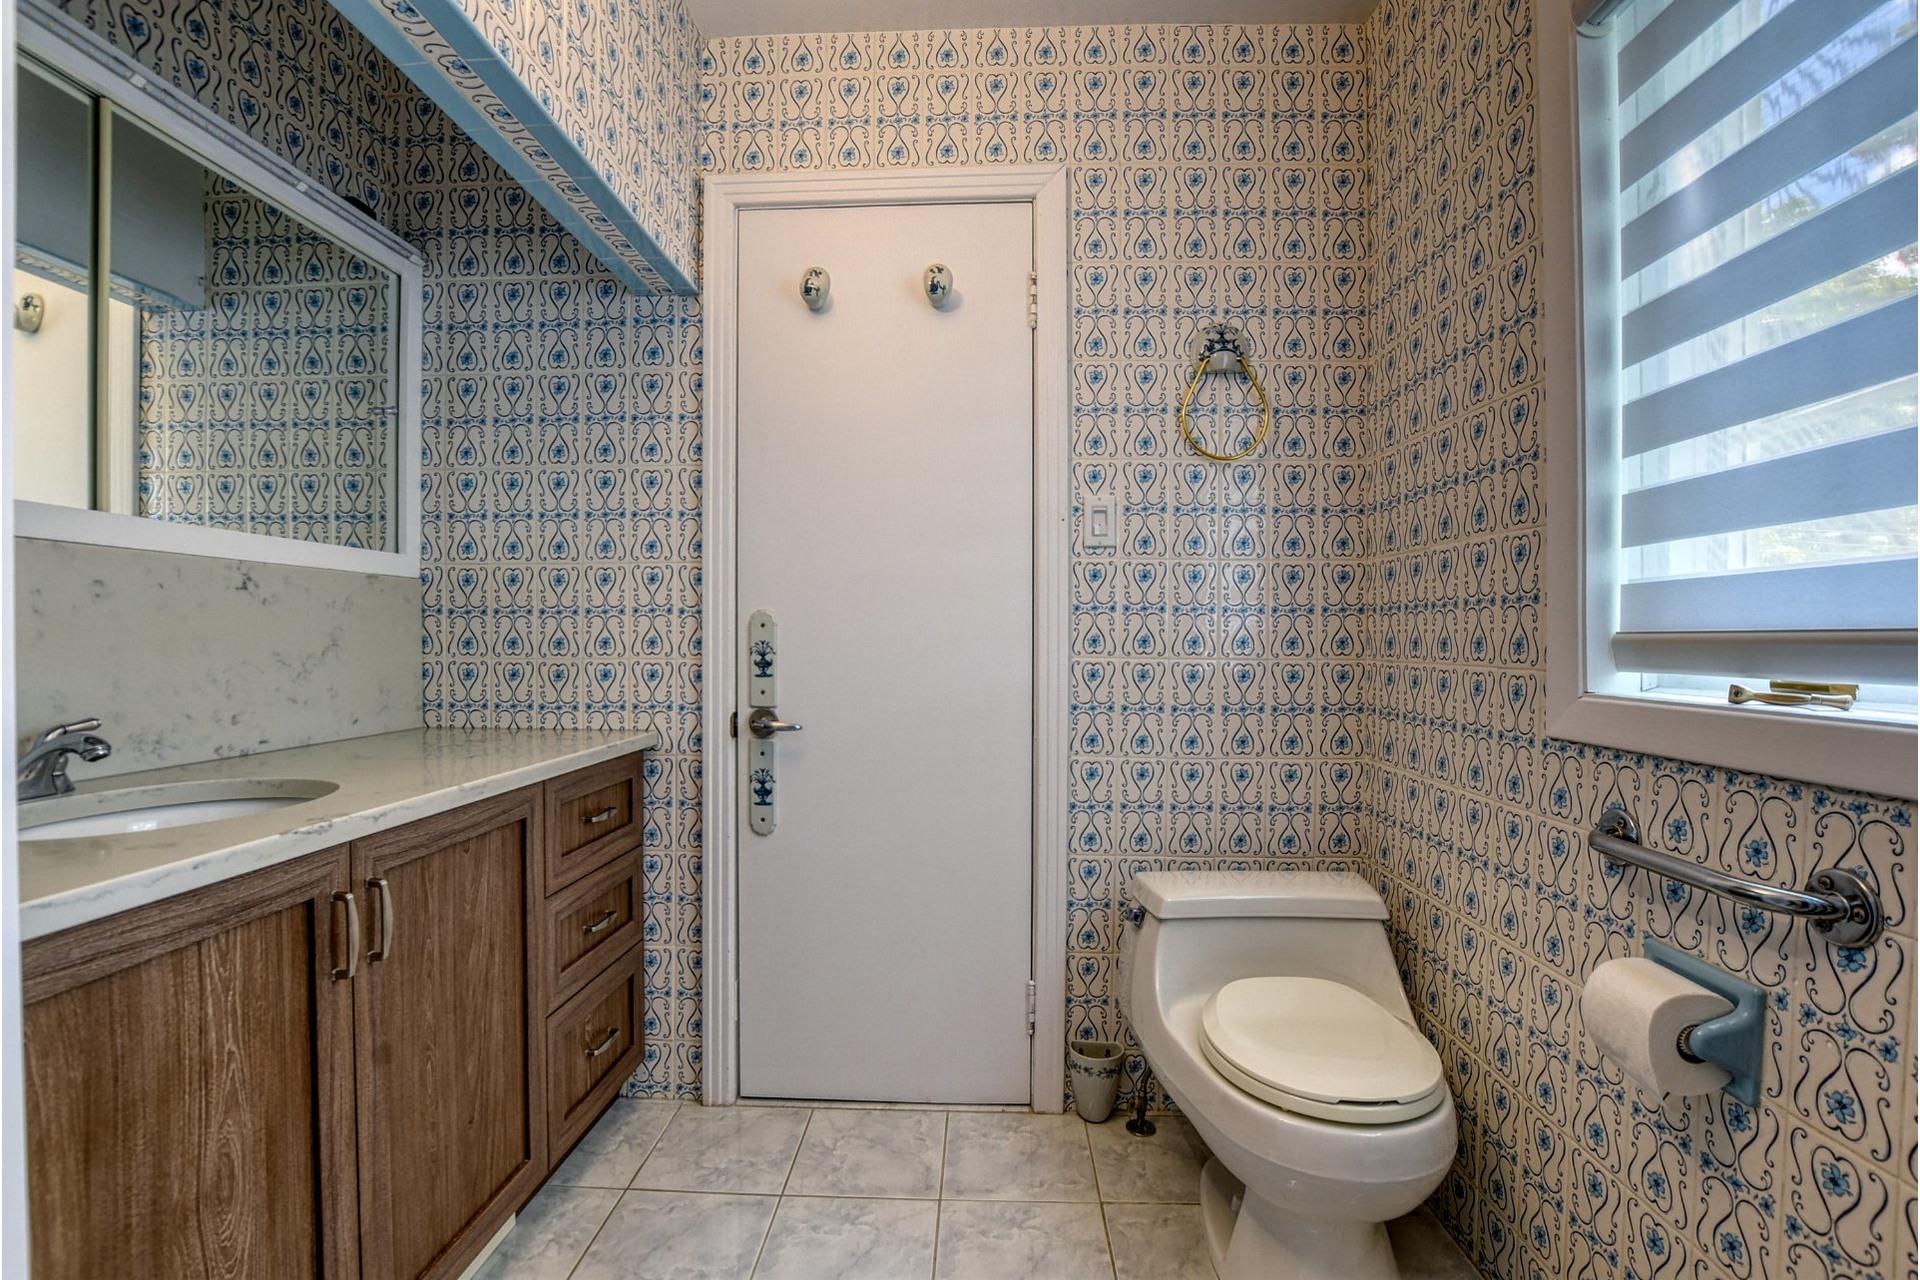 image 14 - House For sale Saint-Laurent Montréal  - 7 rooms